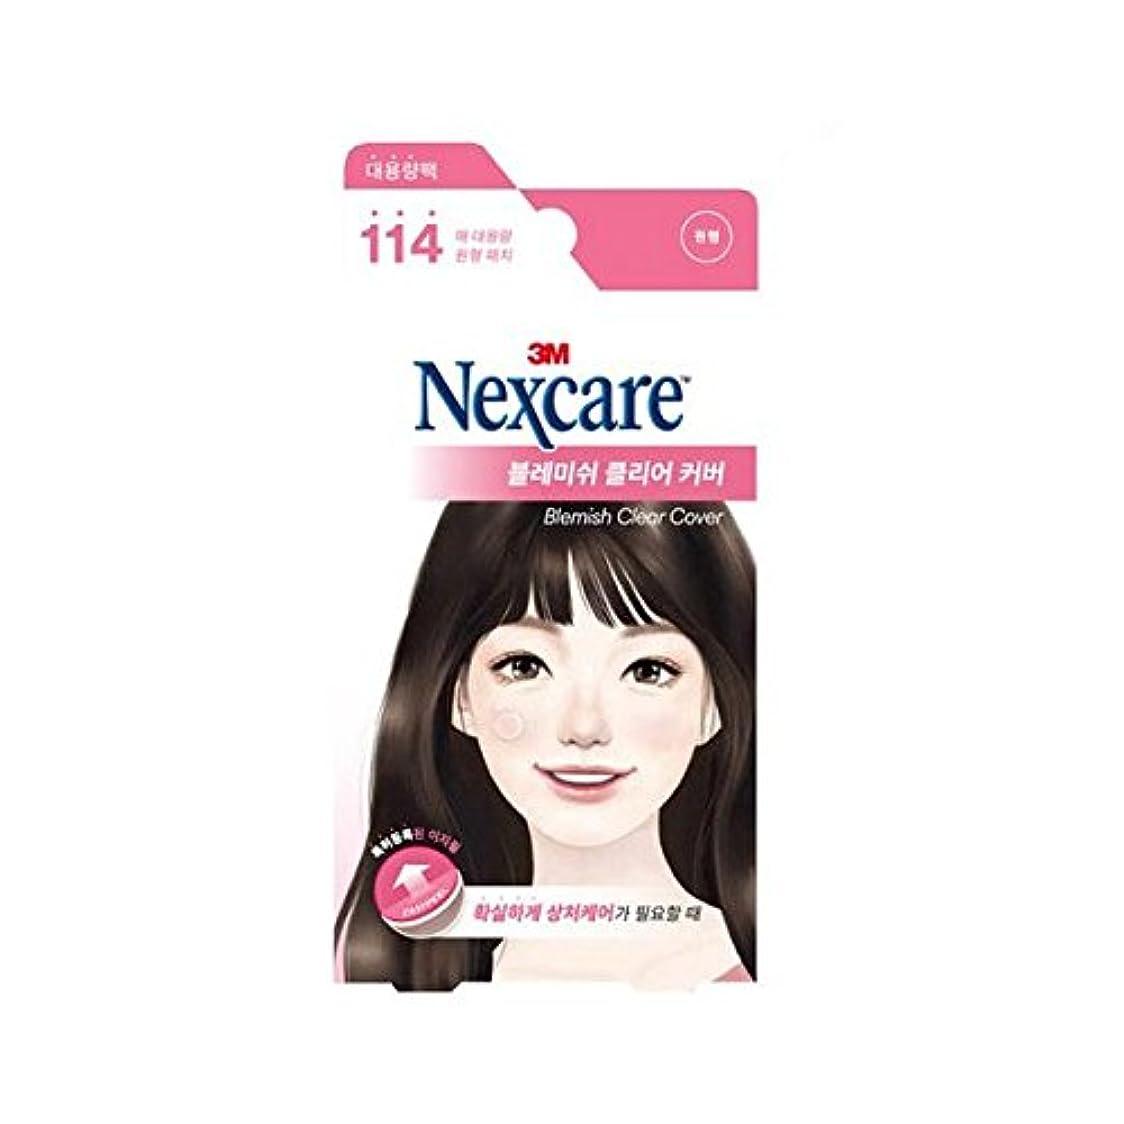 住居投票見て[New] 3M Nexcare Blemish Clear Cover Easy Peel 114 Patches/3M ネクスケア ブレミッシュ クリア カバー イージー ピール 114パッチ入り [並行輸入品]